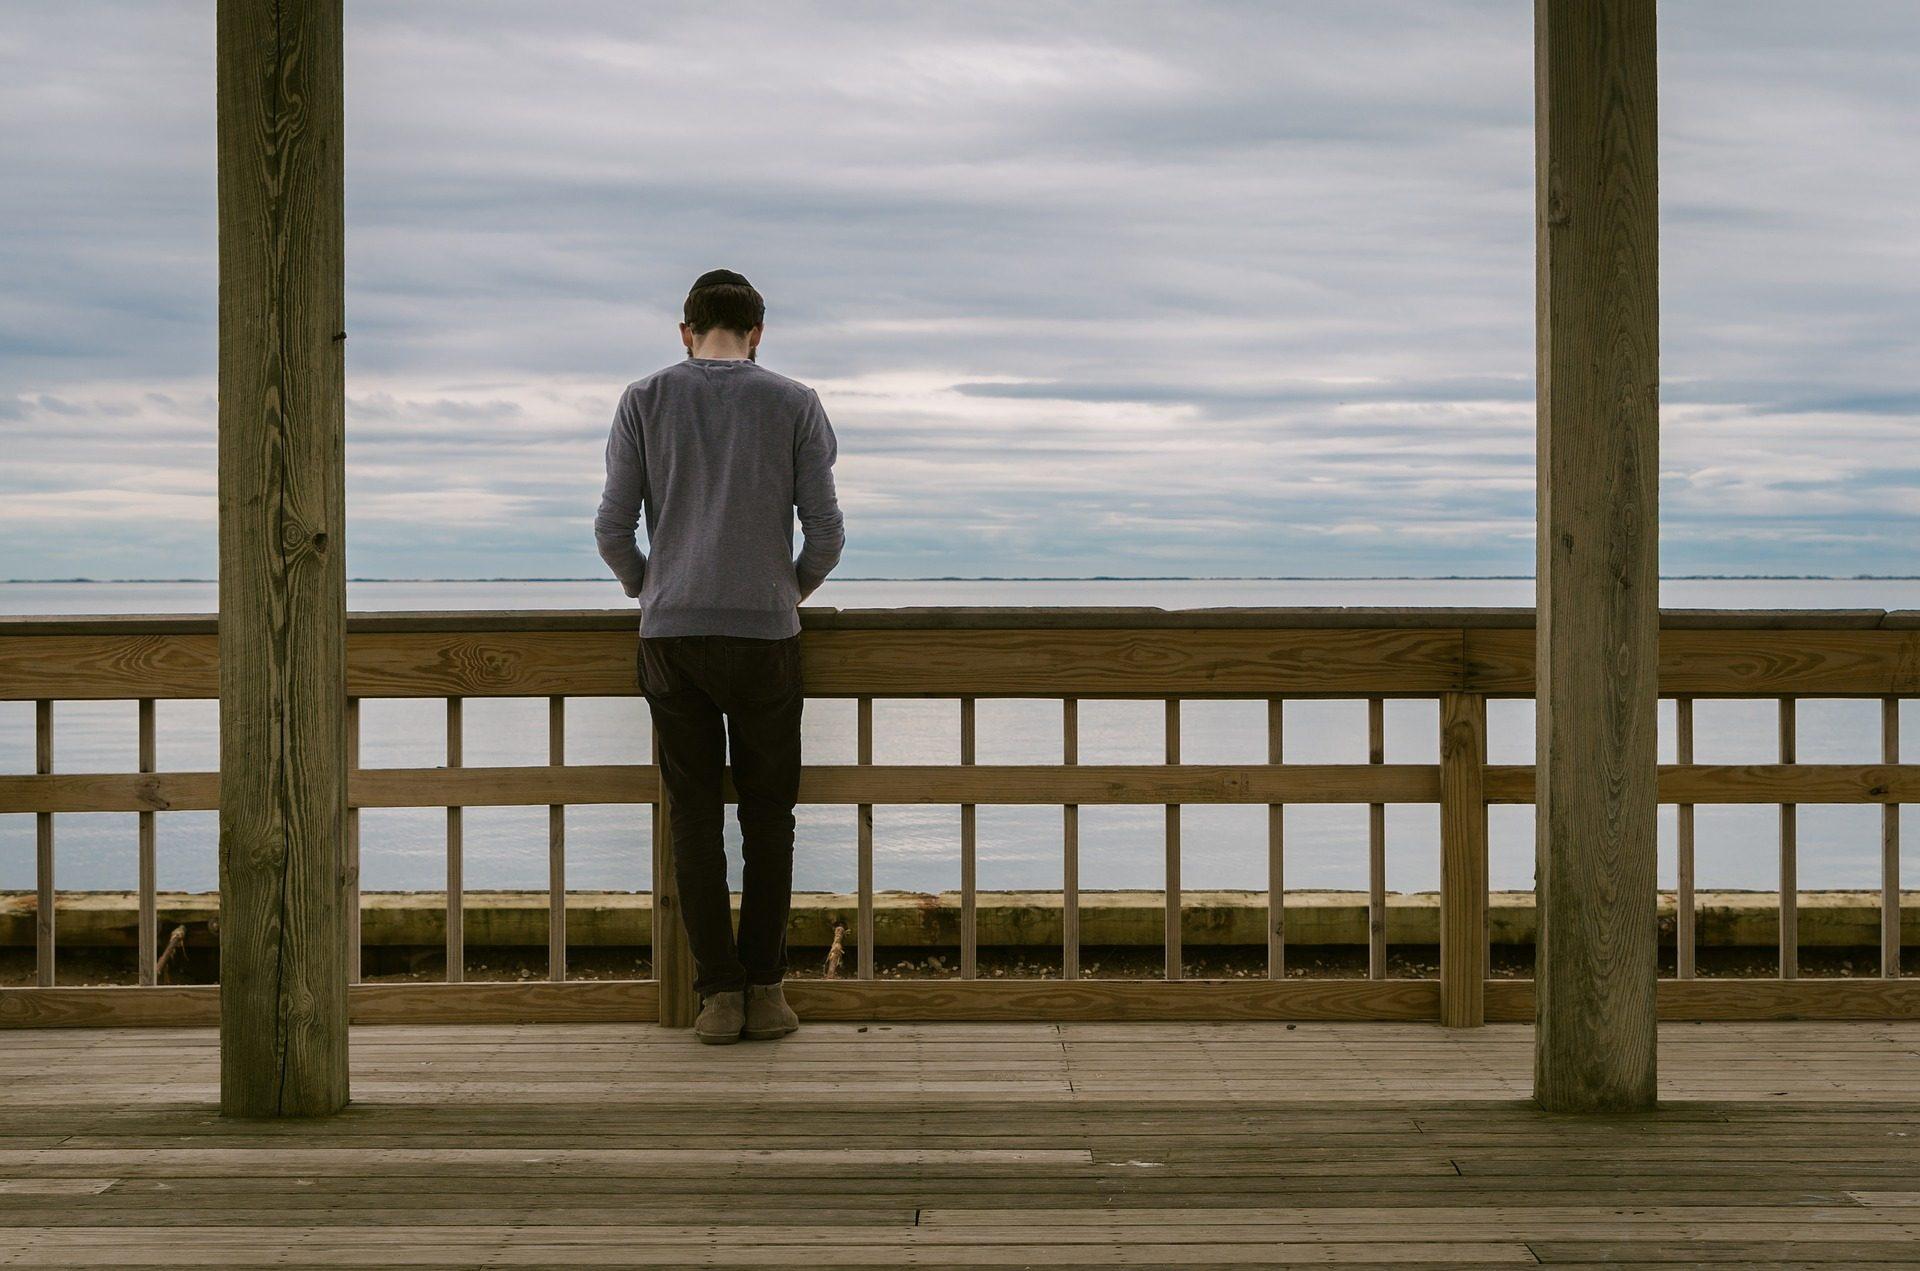 homem, solo de, pensativo, horizonte, Mar, nuvens, Céu - Papéis de parede HD - Professor-falken.com